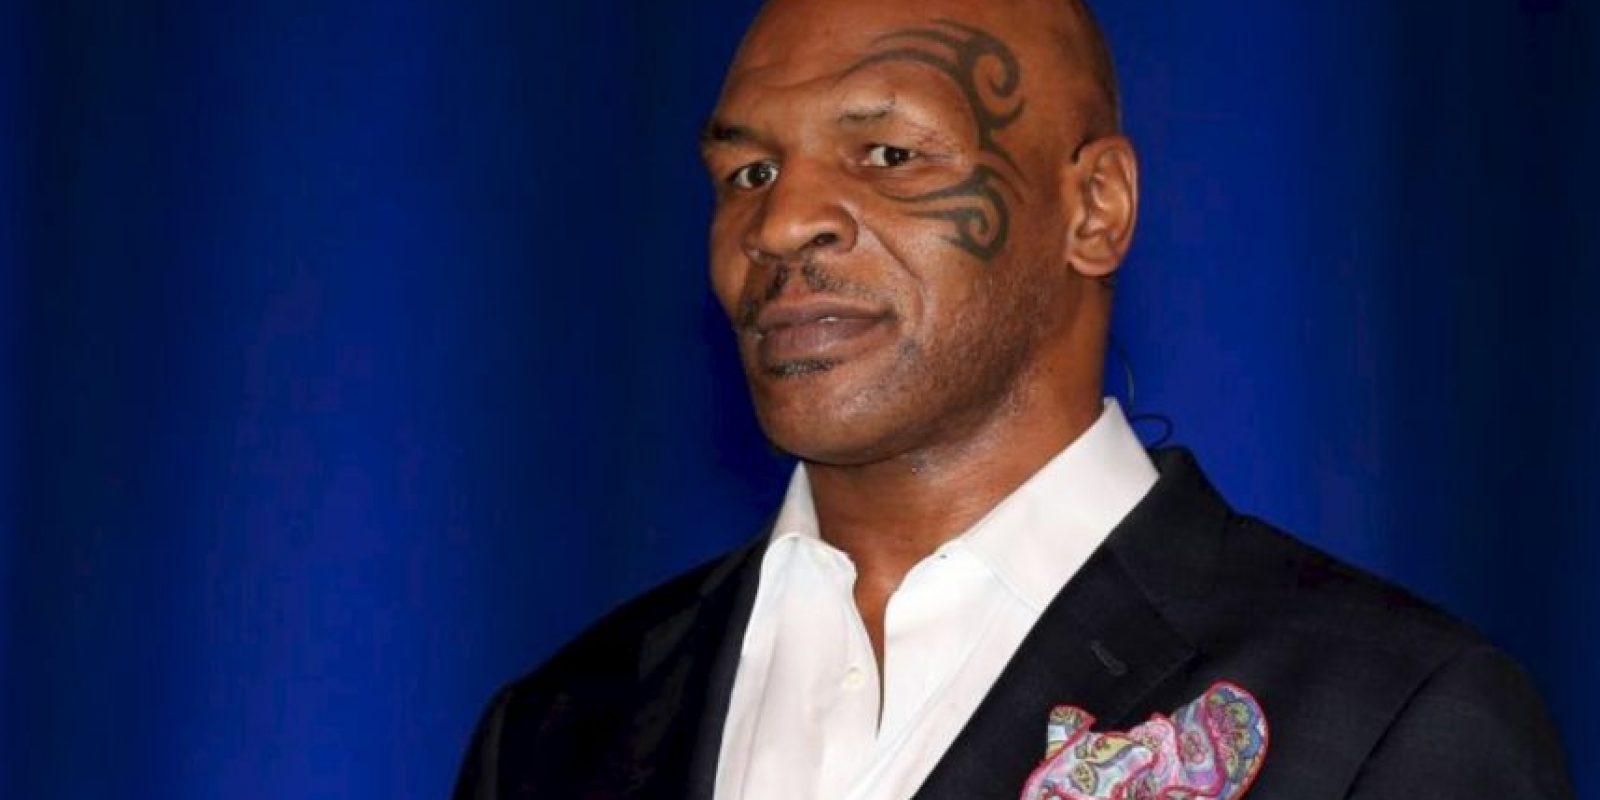 """En su pronóstico, Tyson apostó por Pacquiao. """"Los peleadores que le han dado más problemas a Manny Pacquiao son Timothy Bradley y Juan Manuel Márquez. Ellos son boxeadores que lanzan 100 golpes por round, algo que Floyd no hace"""", aseguró Foto:Getty Images"""